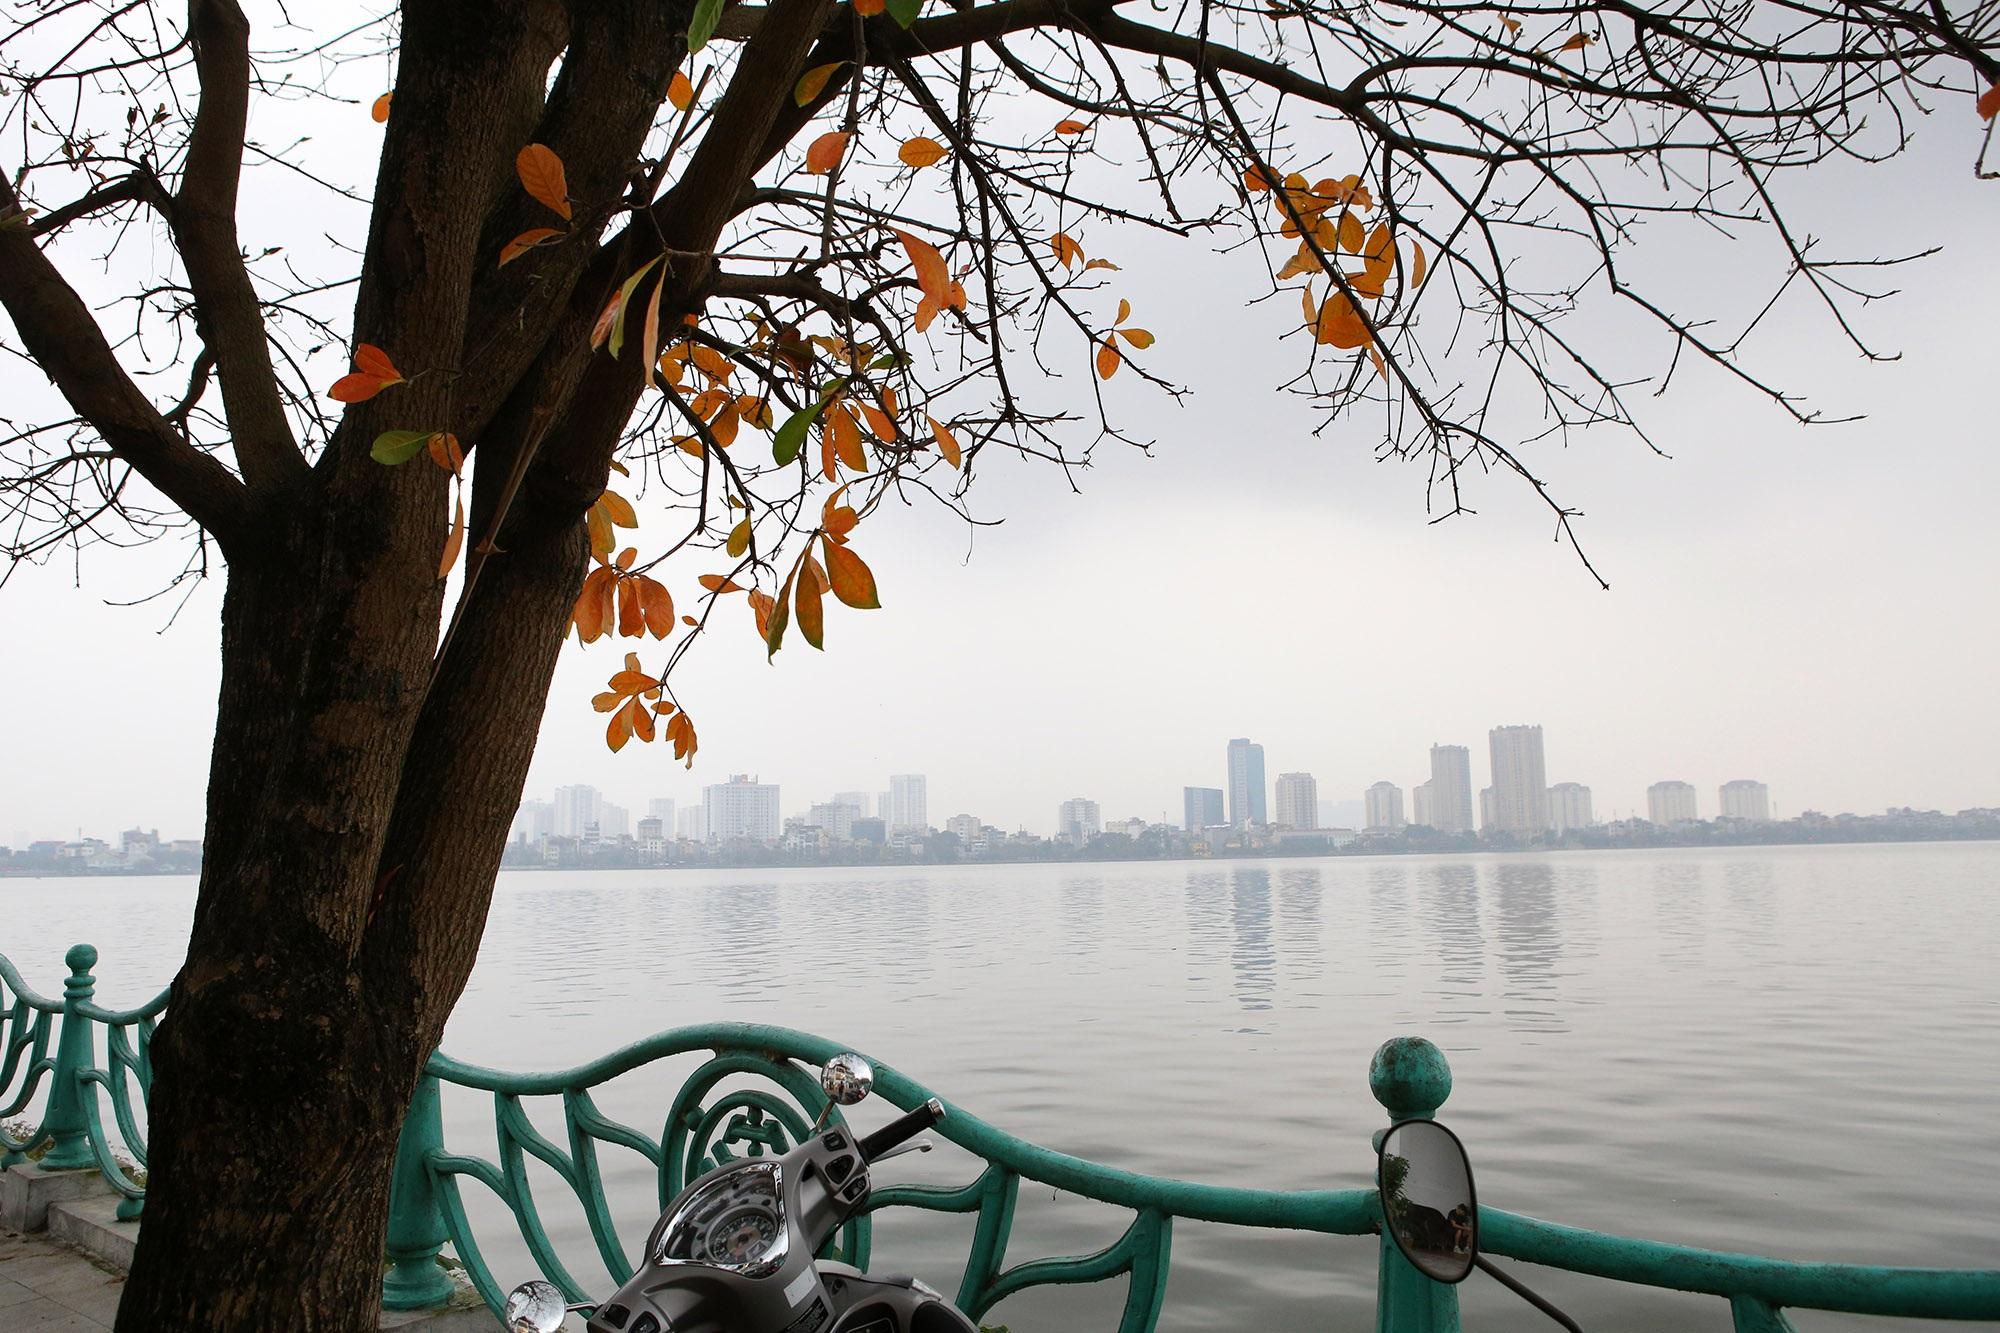 Hà Nội: Ngắm hồ Tây đẹp lãng mạn vào mùa cây thay lá - 9